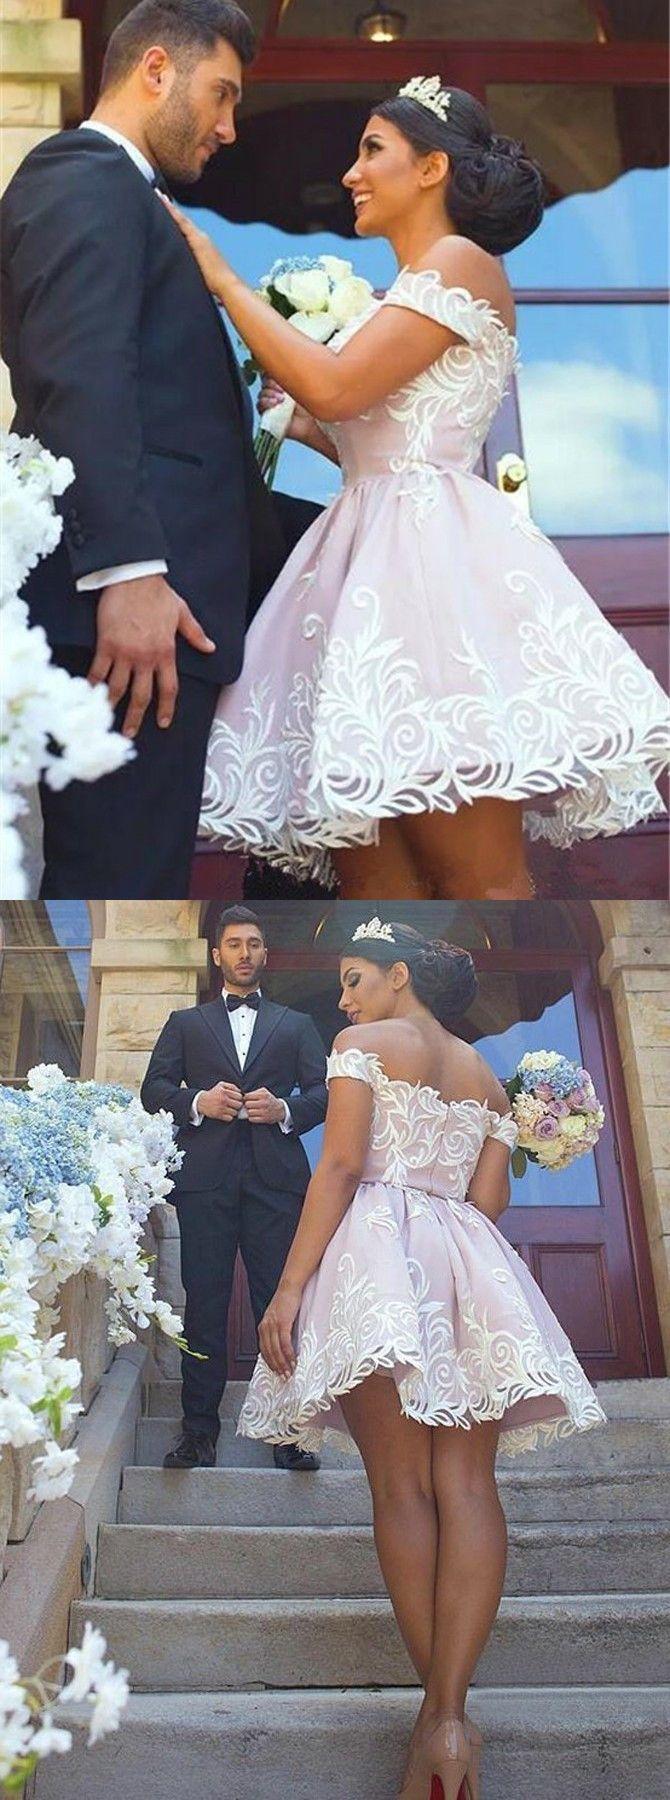 Aline offtheshoulder short pink satin wedding dress with lace i